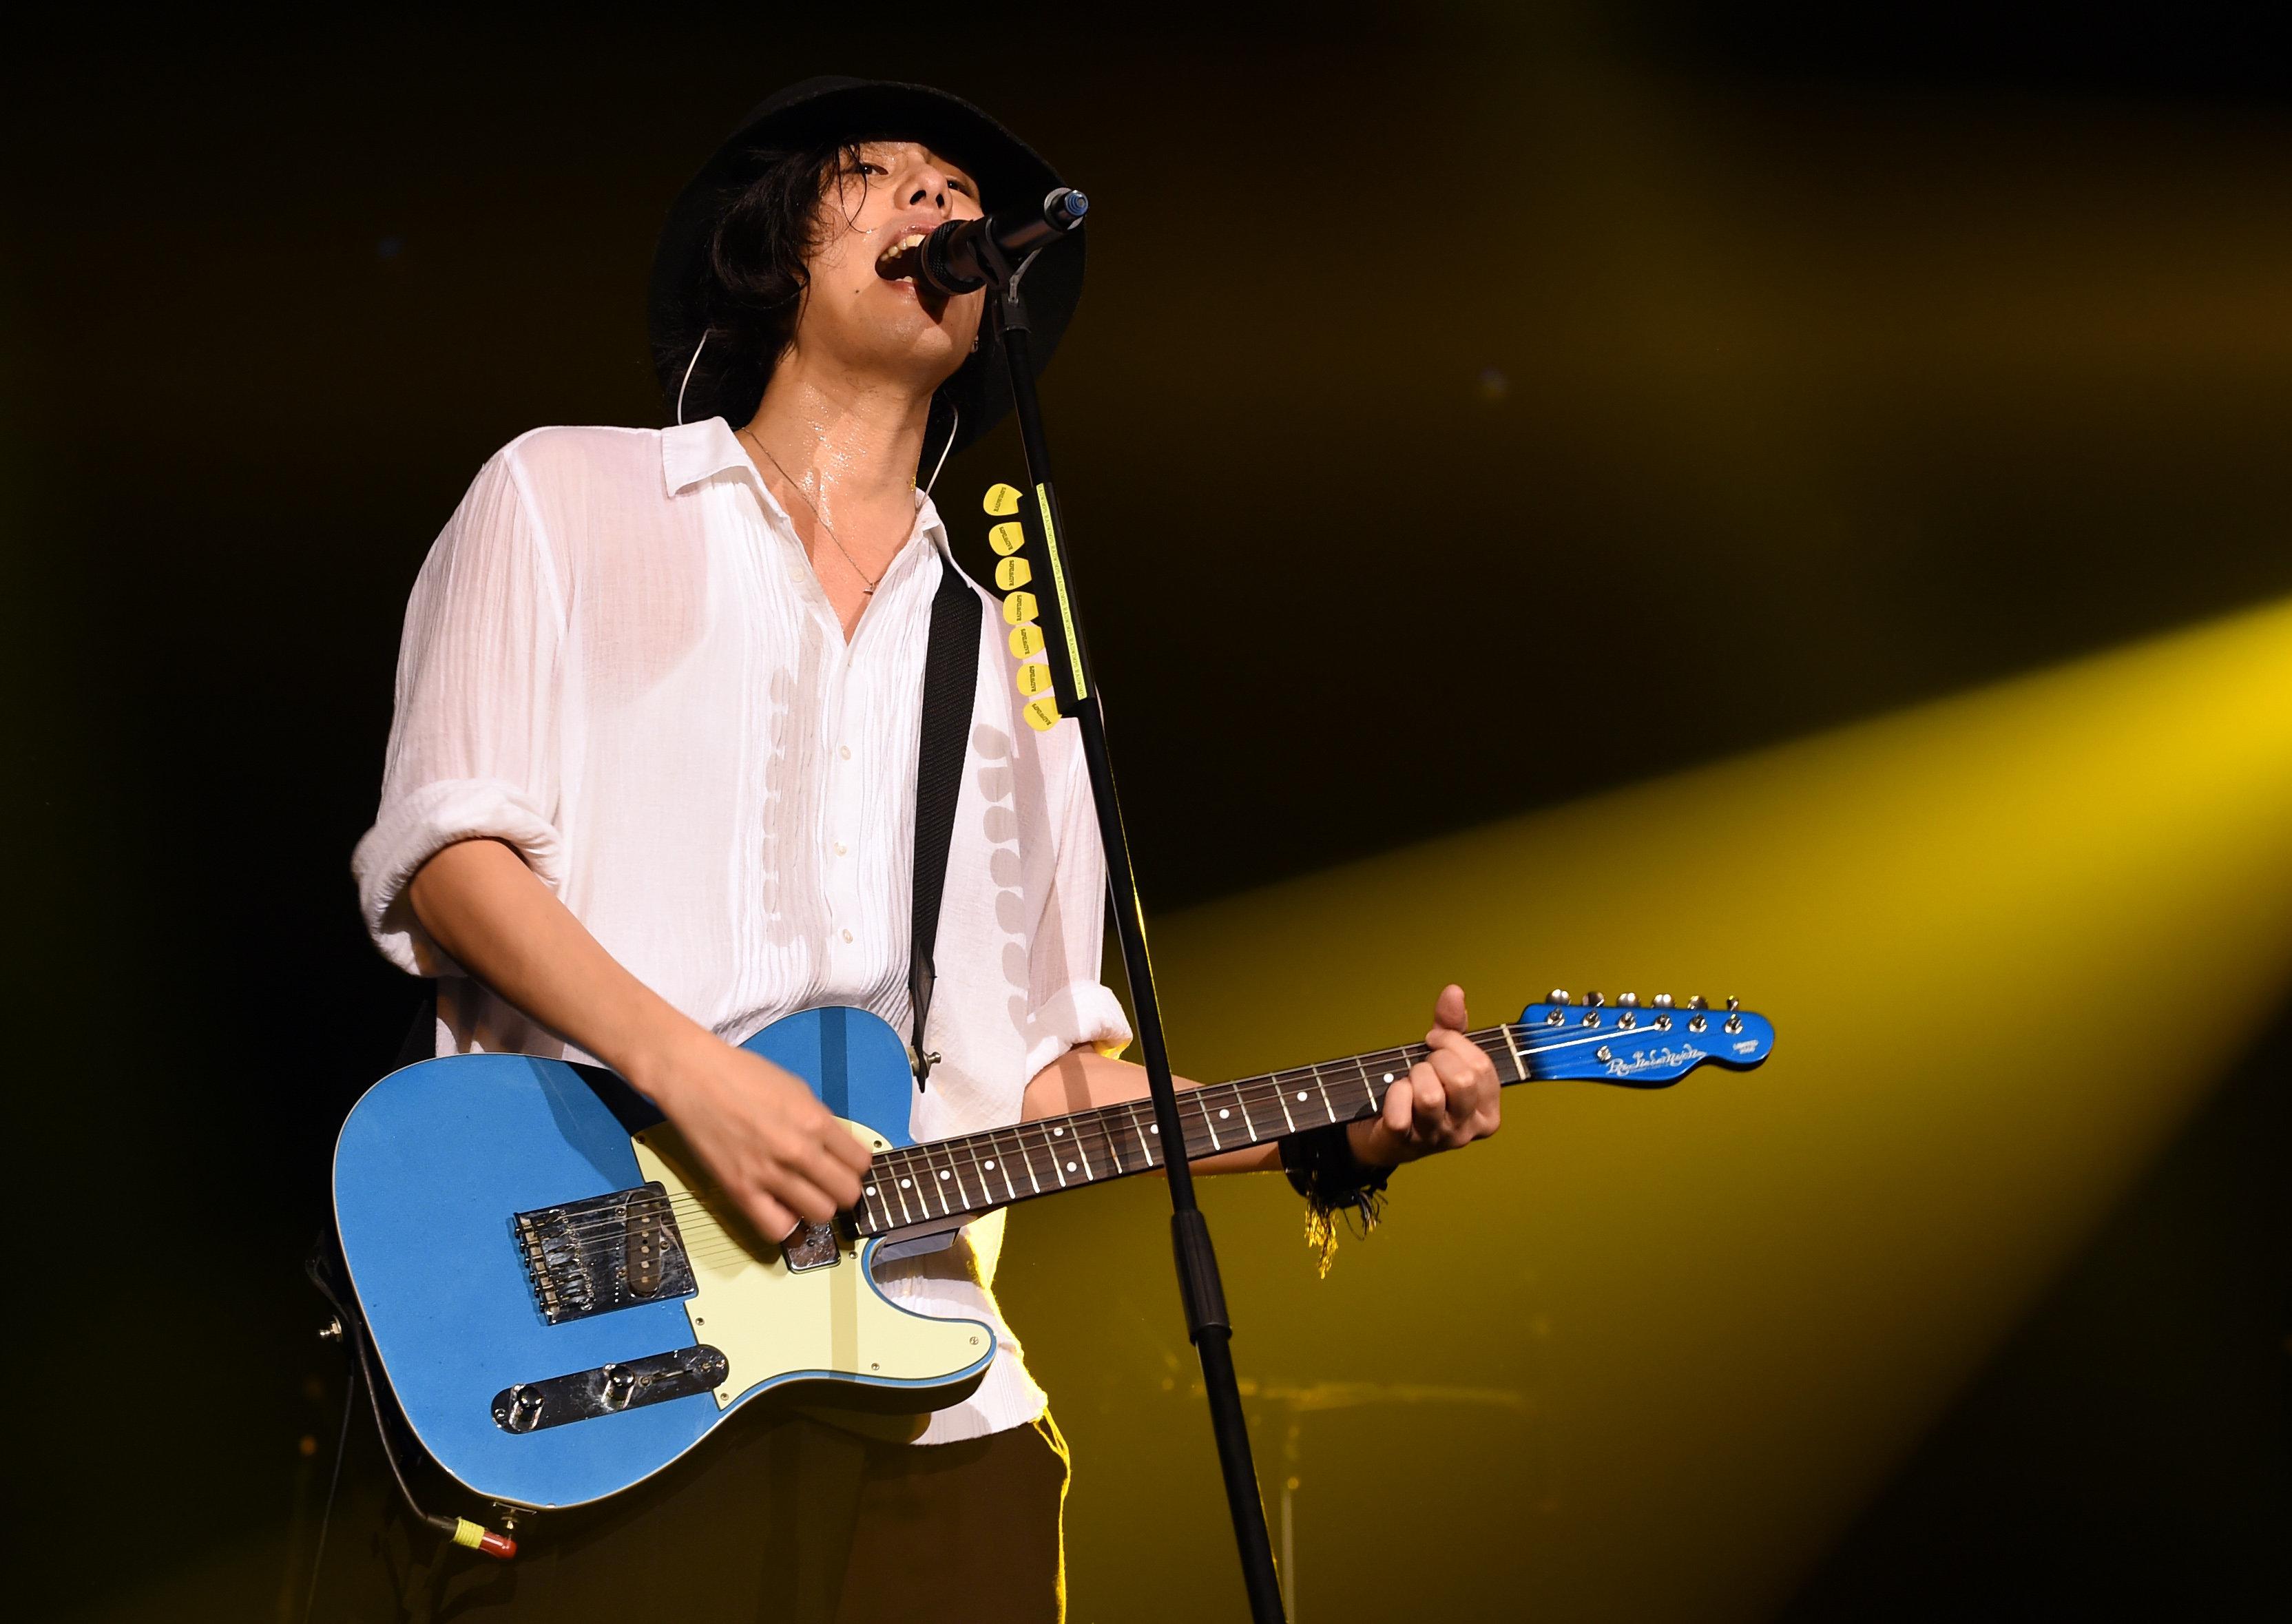 일본 록밴드의 애국 노래 '히노마루'에 쏟아진 비난과